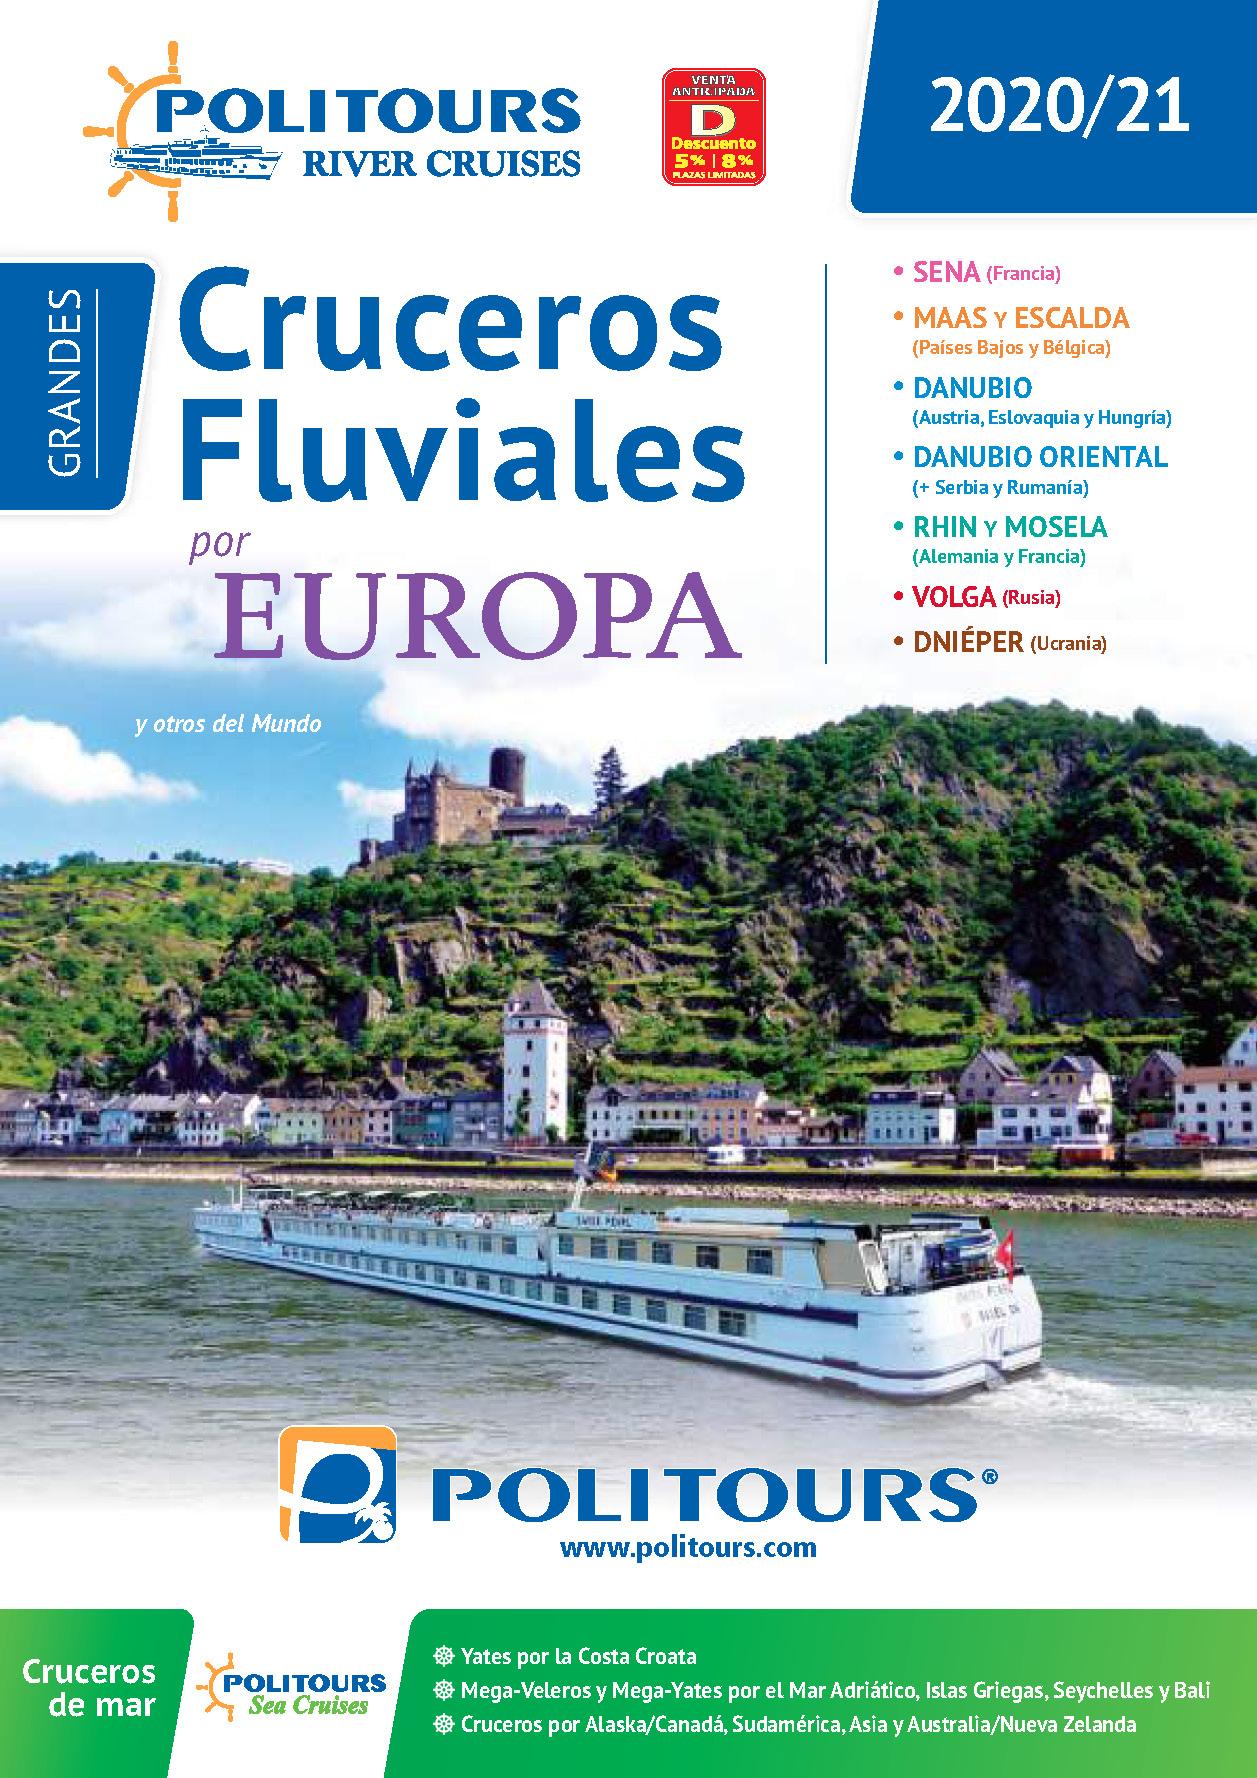 Catalogo Politours Cruceros Fluviales y de Mar 2020-2021